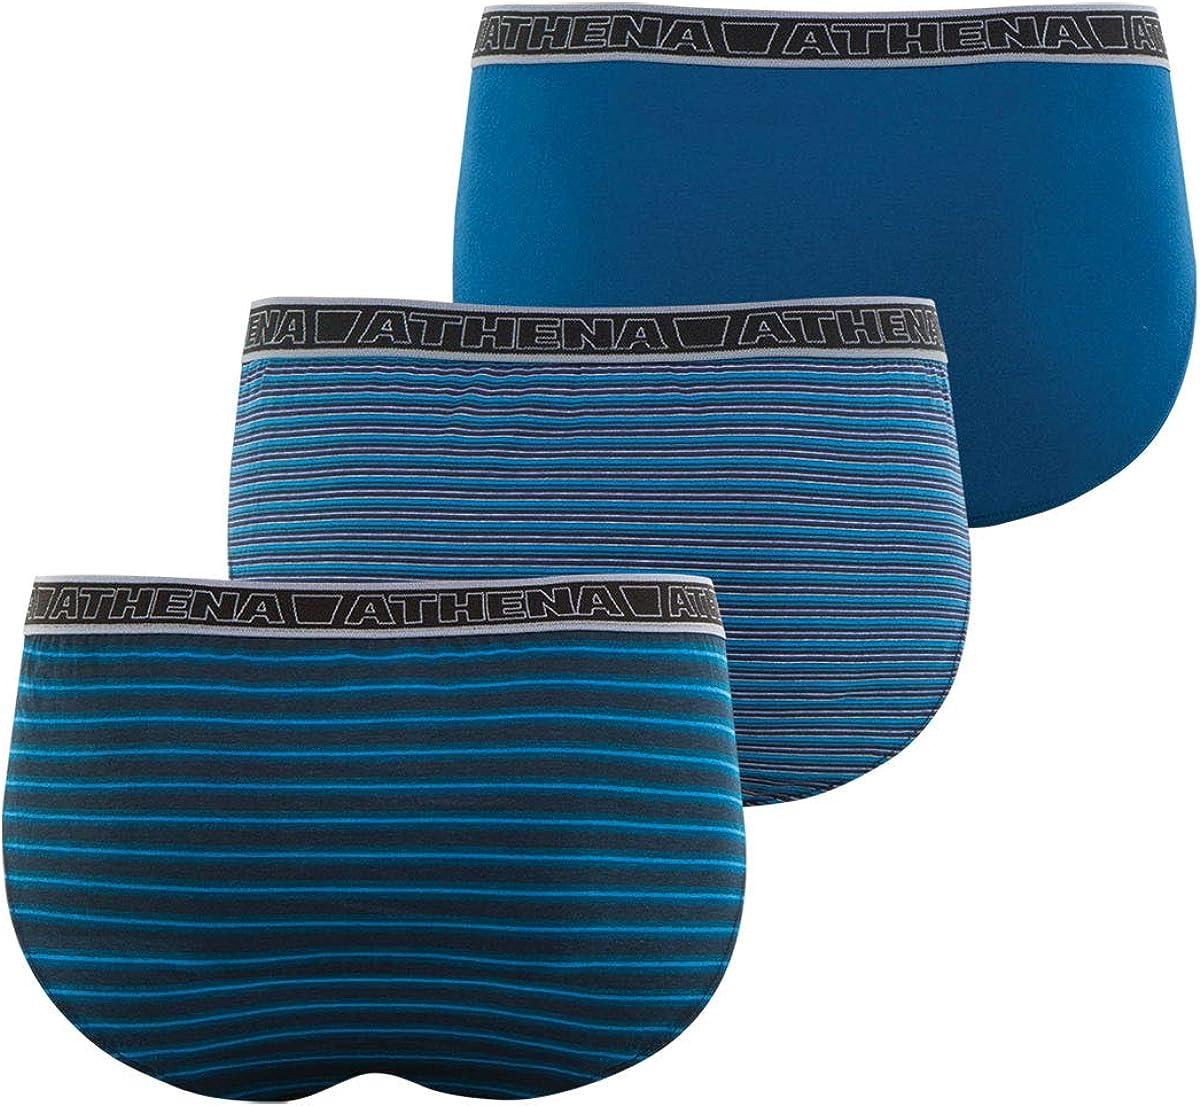 Lot de 3 Slips Homme Tonic Taille : 5 ATHENA Couleur : Grande Rayure Bleue-Fine Rayure Bleue-Uni Bleu